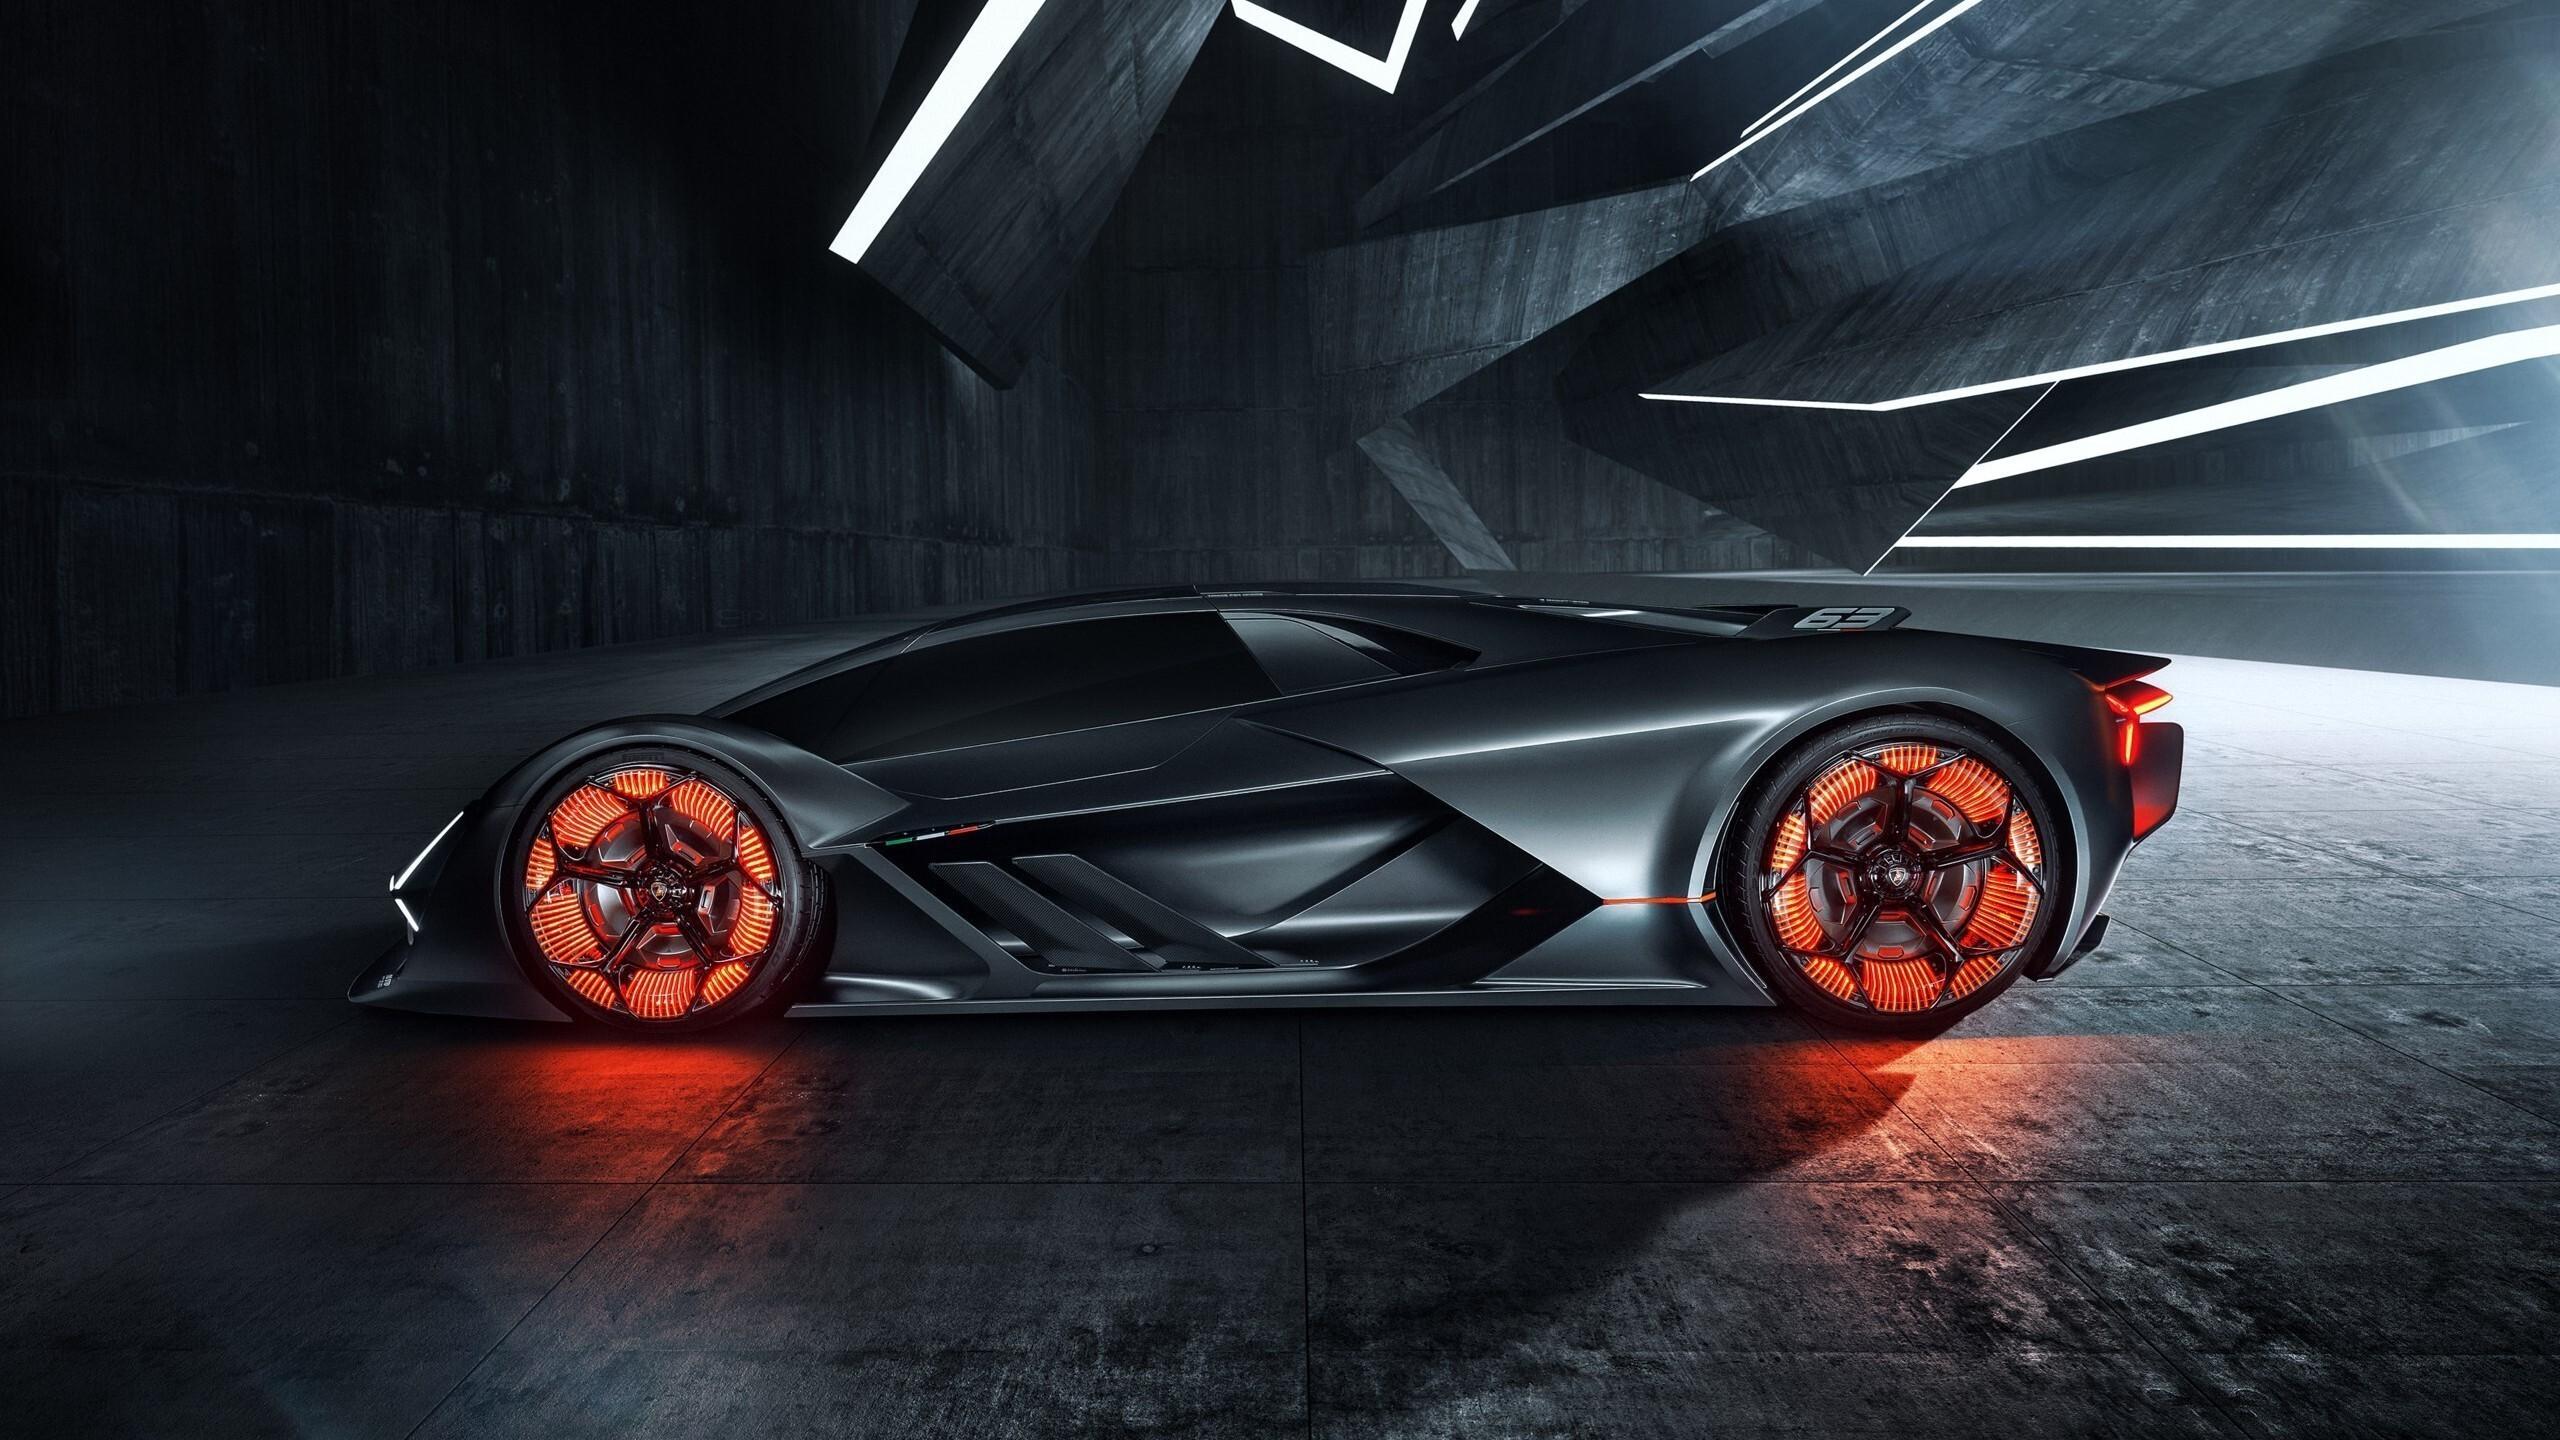 2019 Lamborghini Terzo Millennio Car Hd Wallpapers